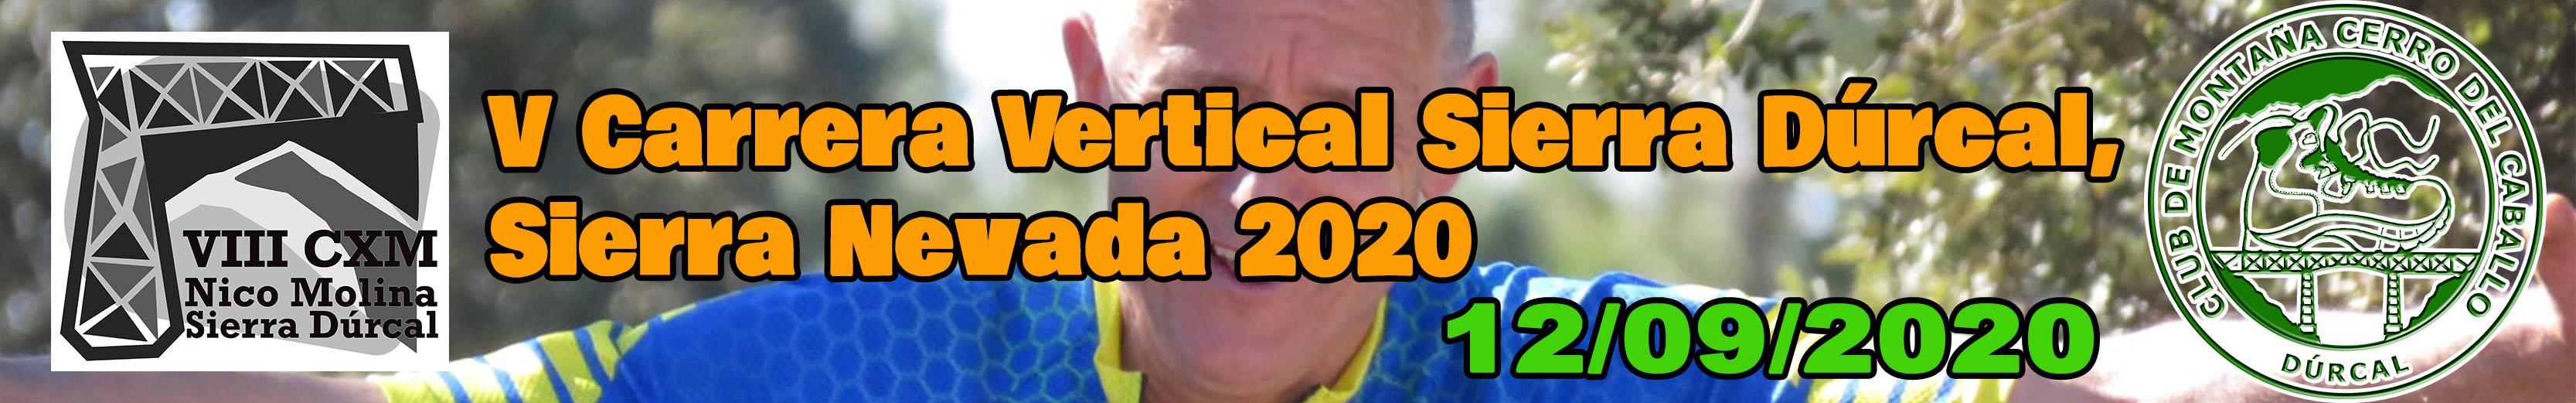 Cabecera C VERTICAL 2020